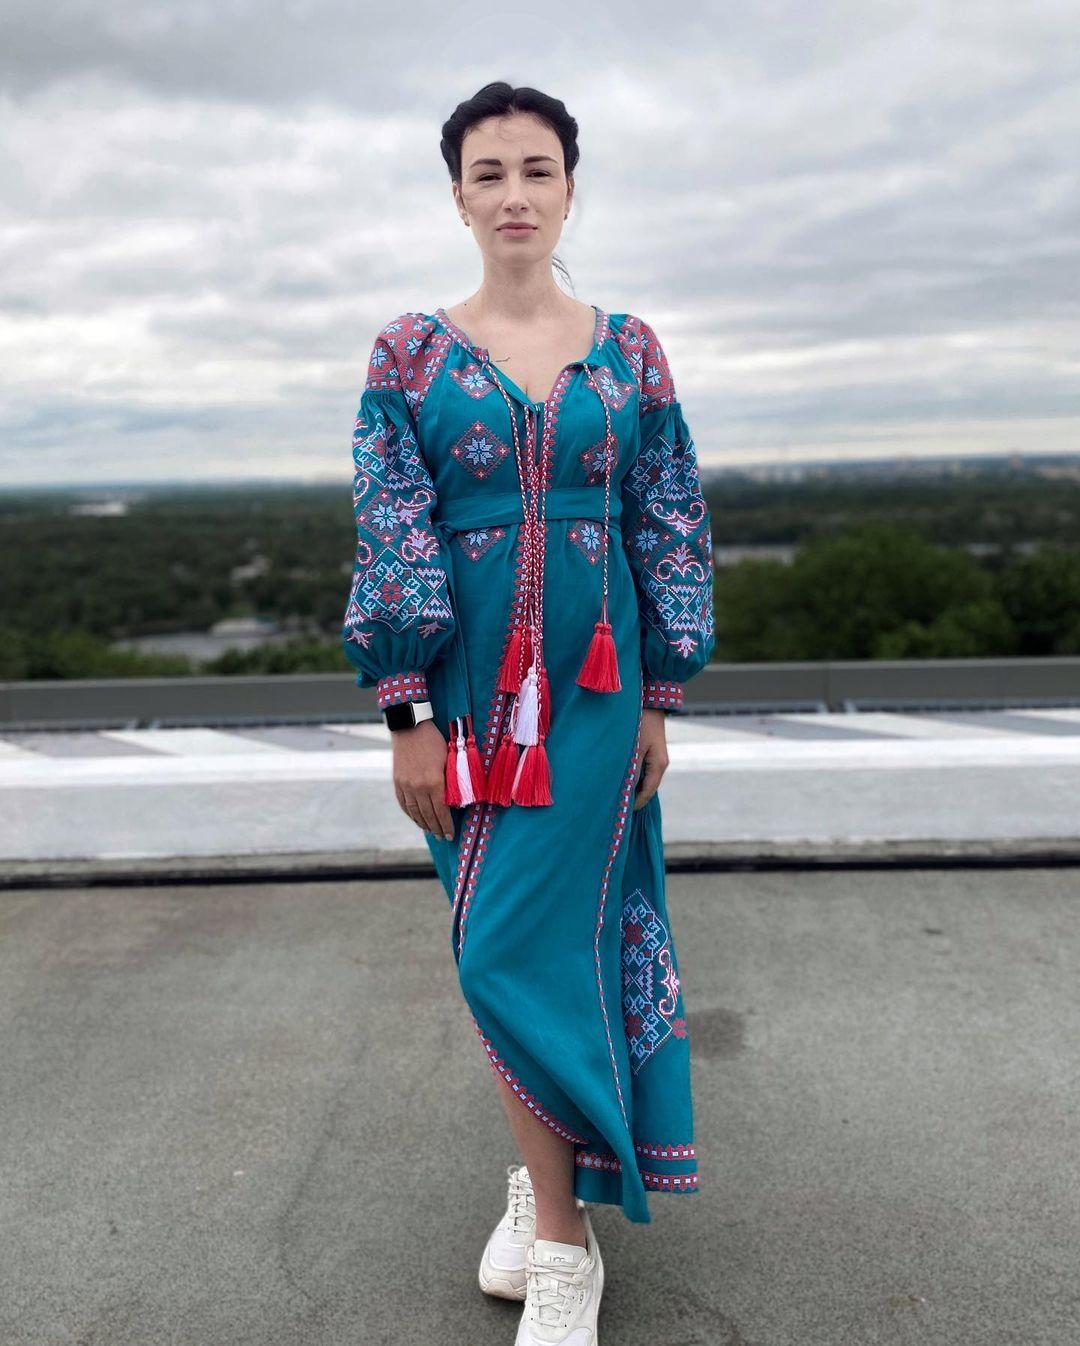 Украинские звезды похвастались колоритными нарядами в День вышиванки